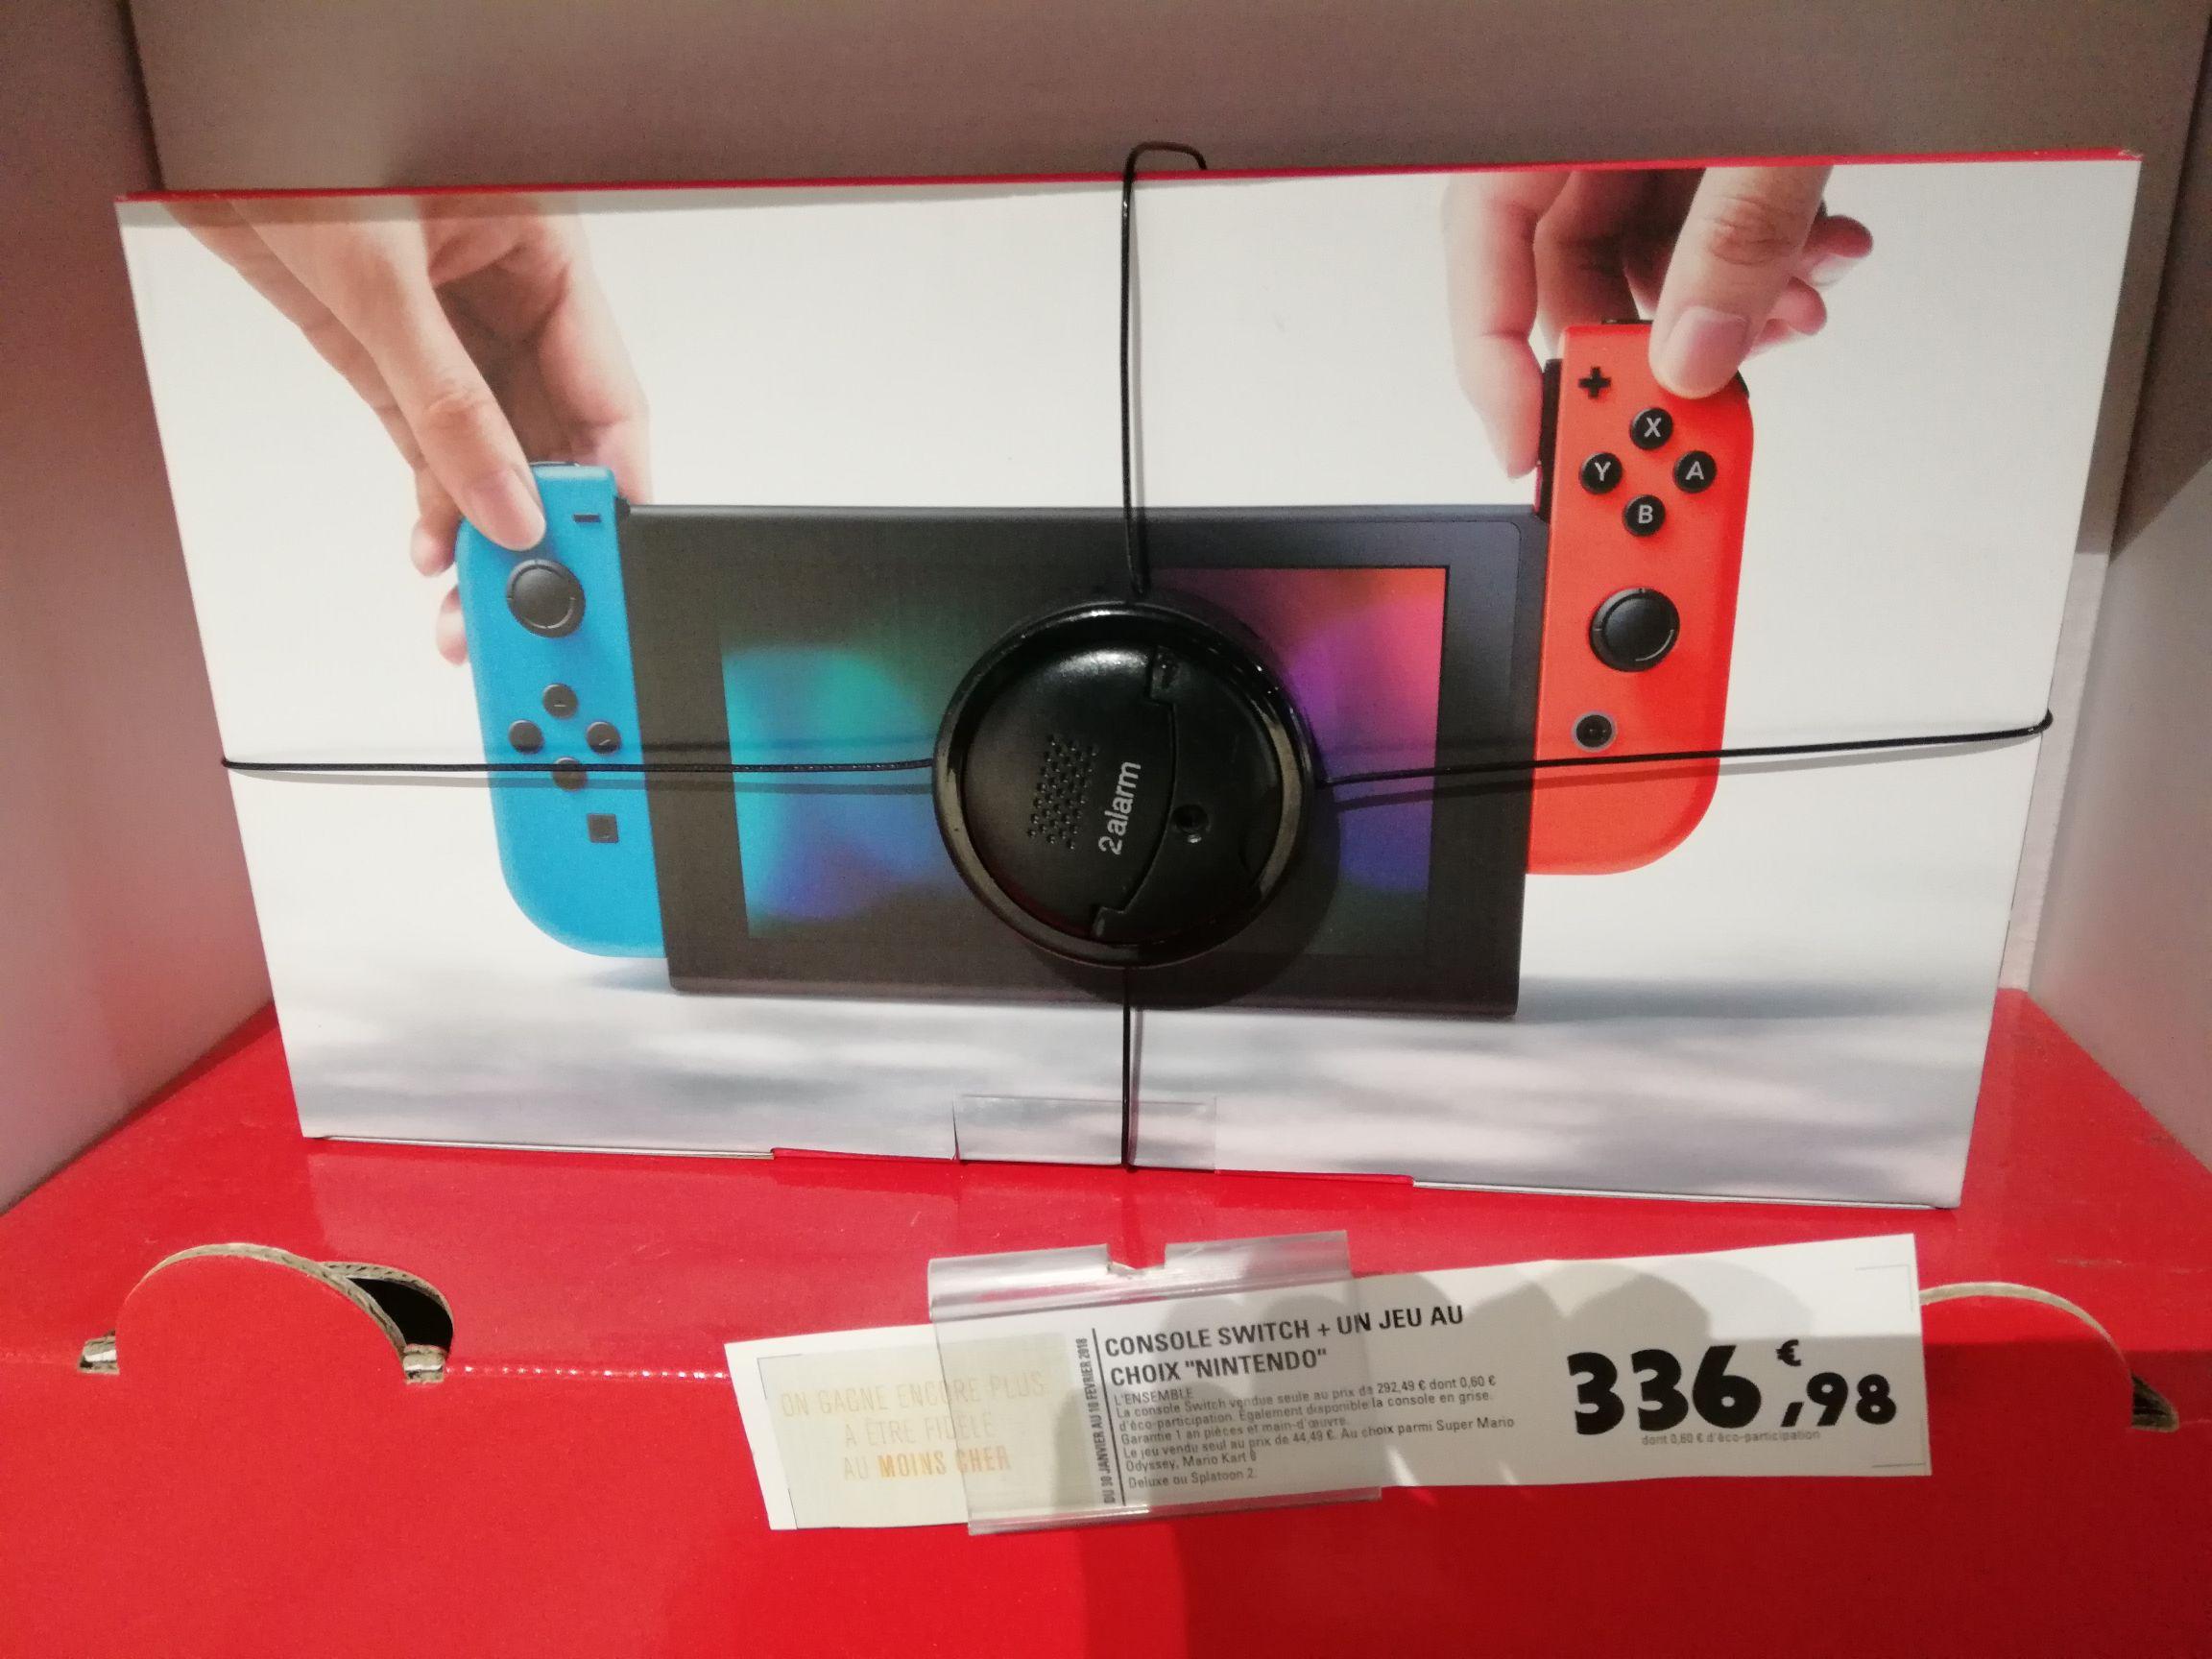 Console Nintendo Switch (avec Joy-Con - bleu / rouge) + un jeu au choix au E.Leclerc Blagnac (31)